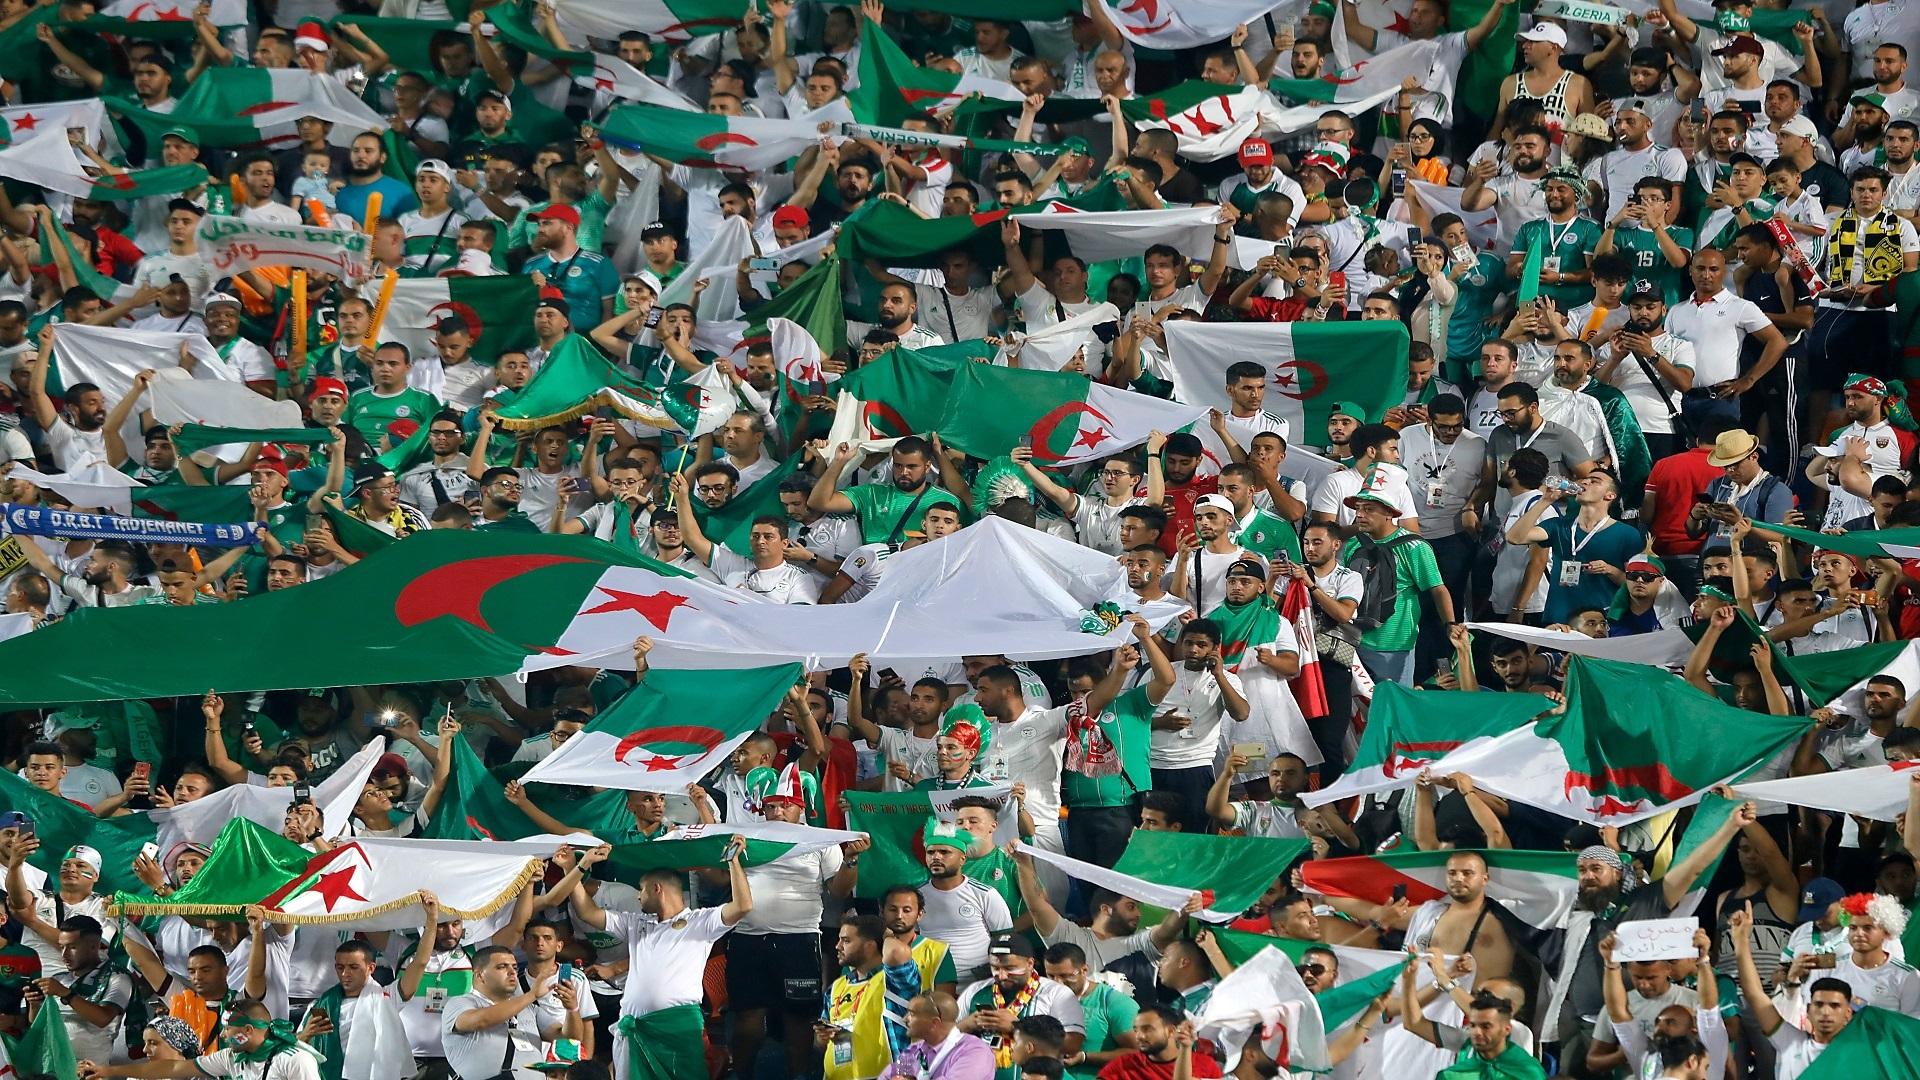 """أنصار """"الخضر"""" يحيون ذكرى واحدة من أروع ملاحم كرة القدم الجزائرية"""